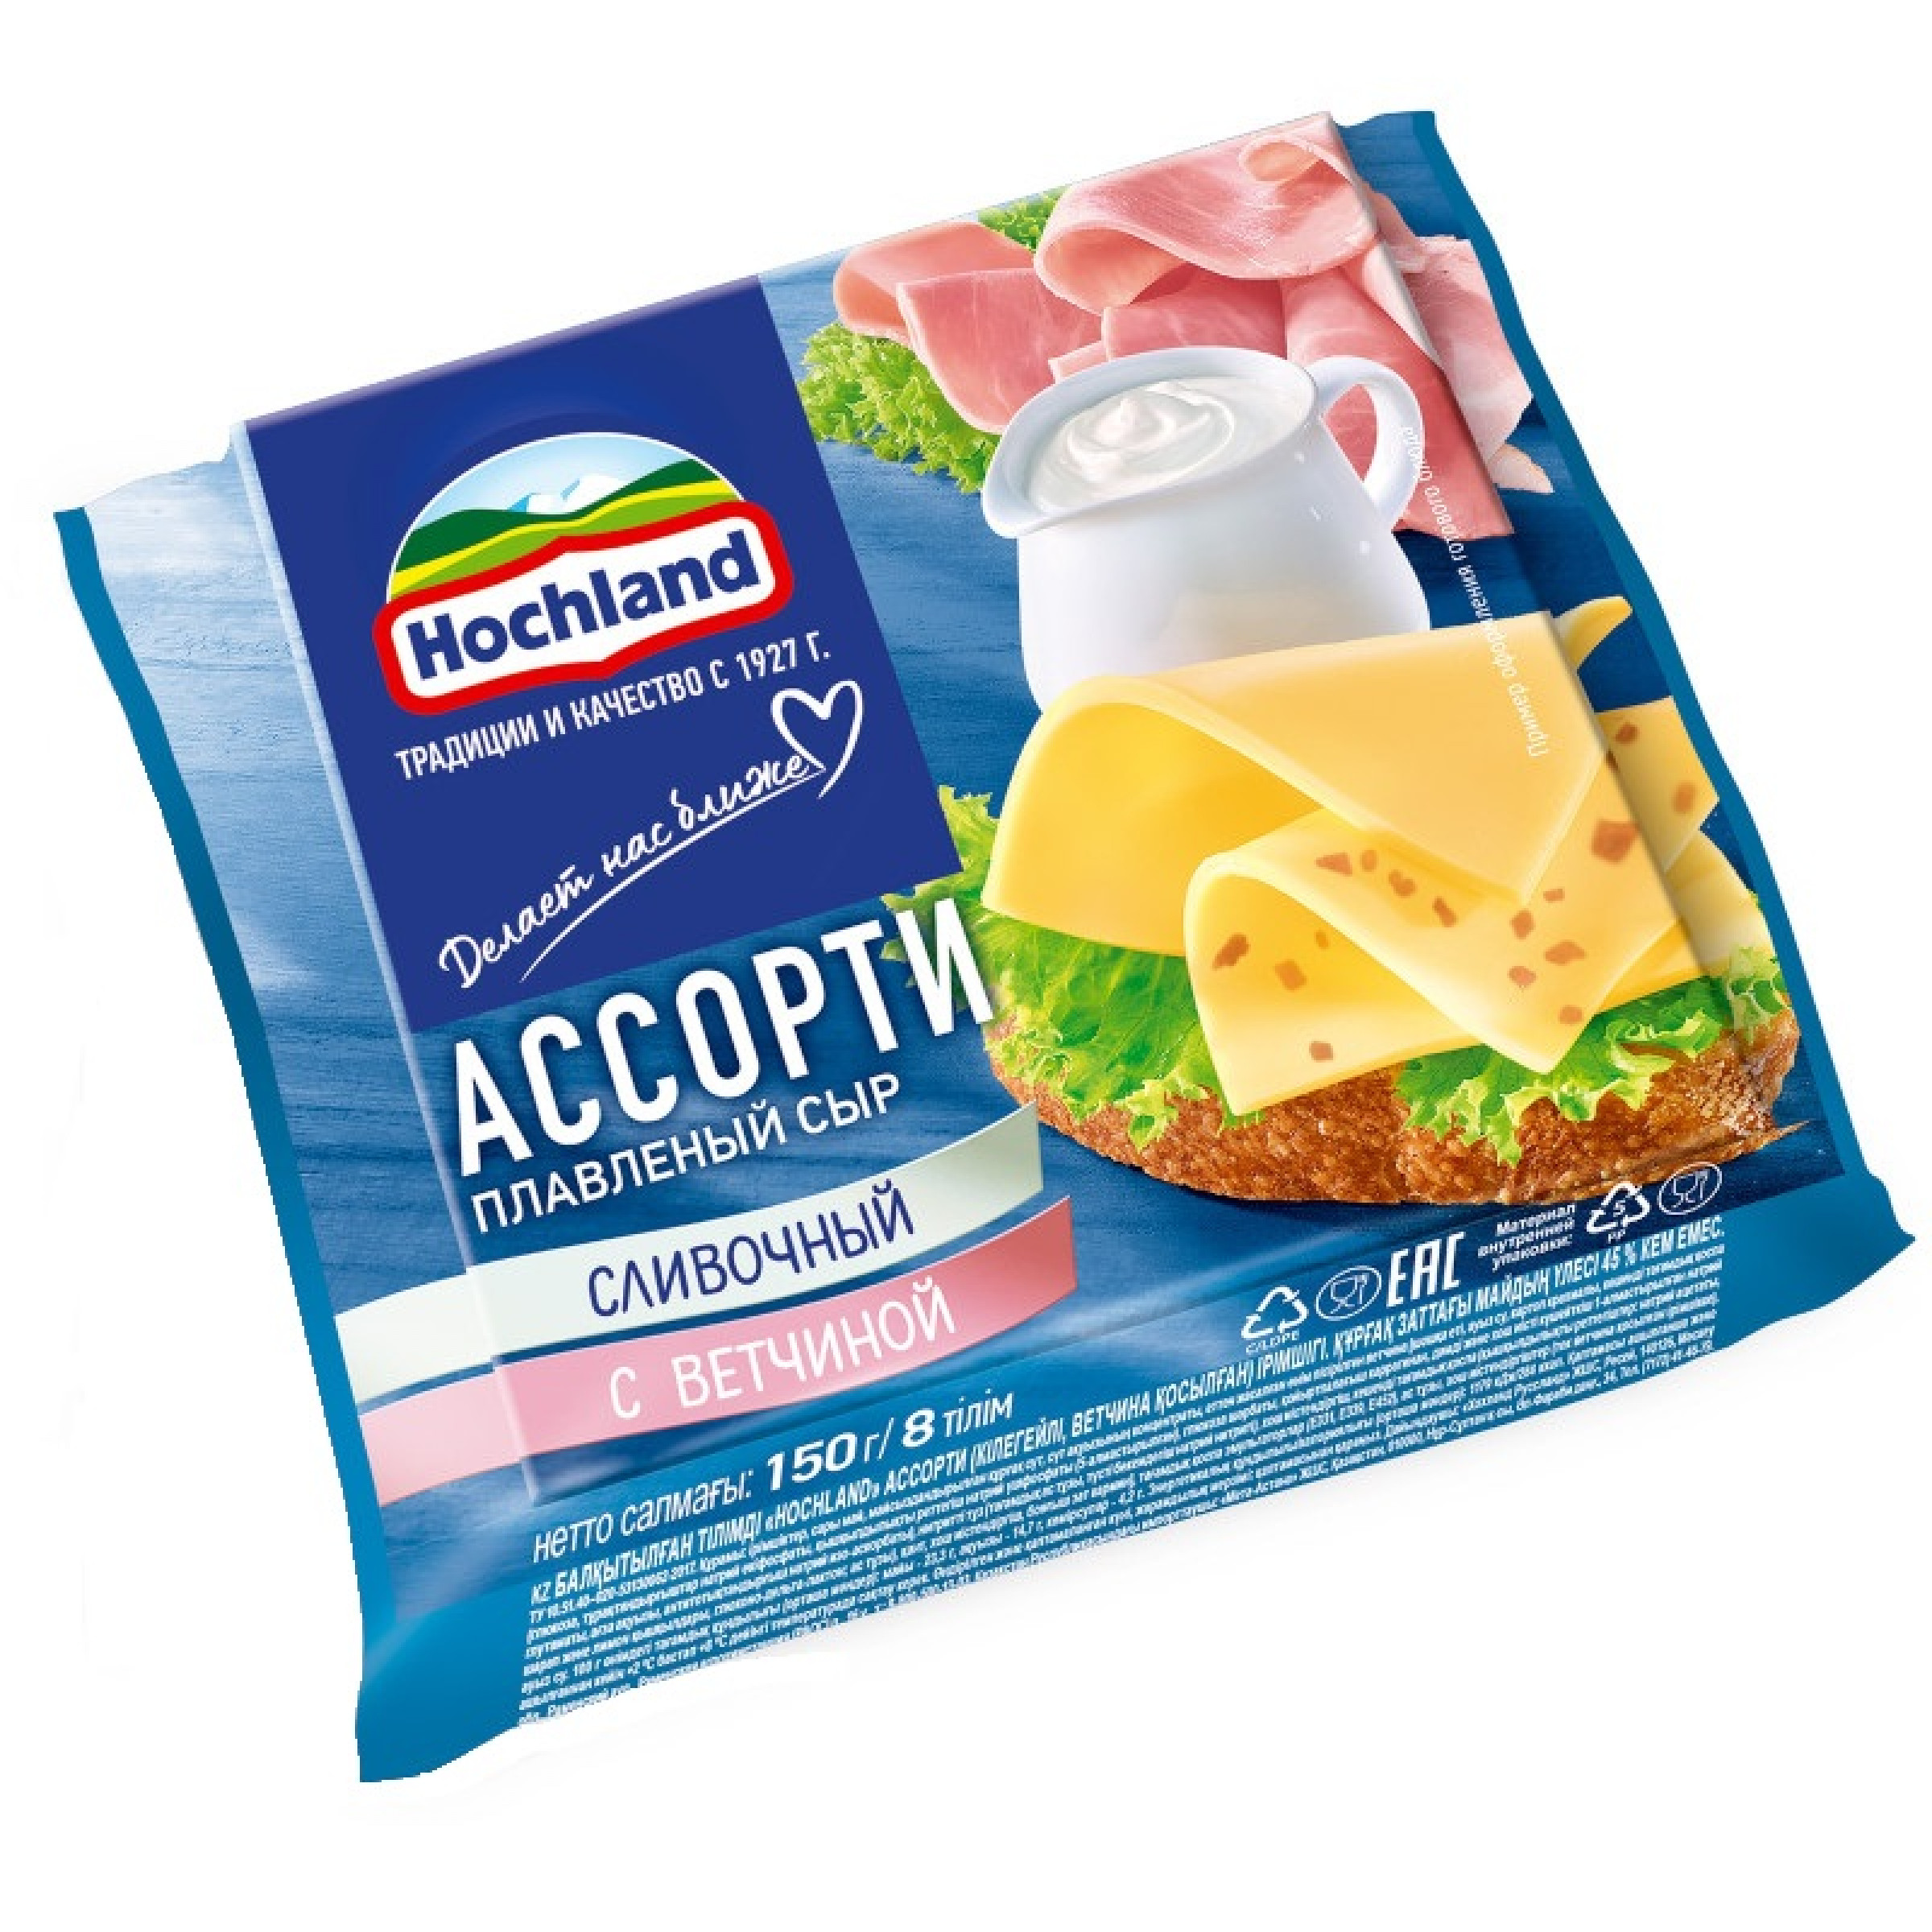 """Сыр """"Hochland"""" 45% плавленый ломтики Ассорти, 150гр."""